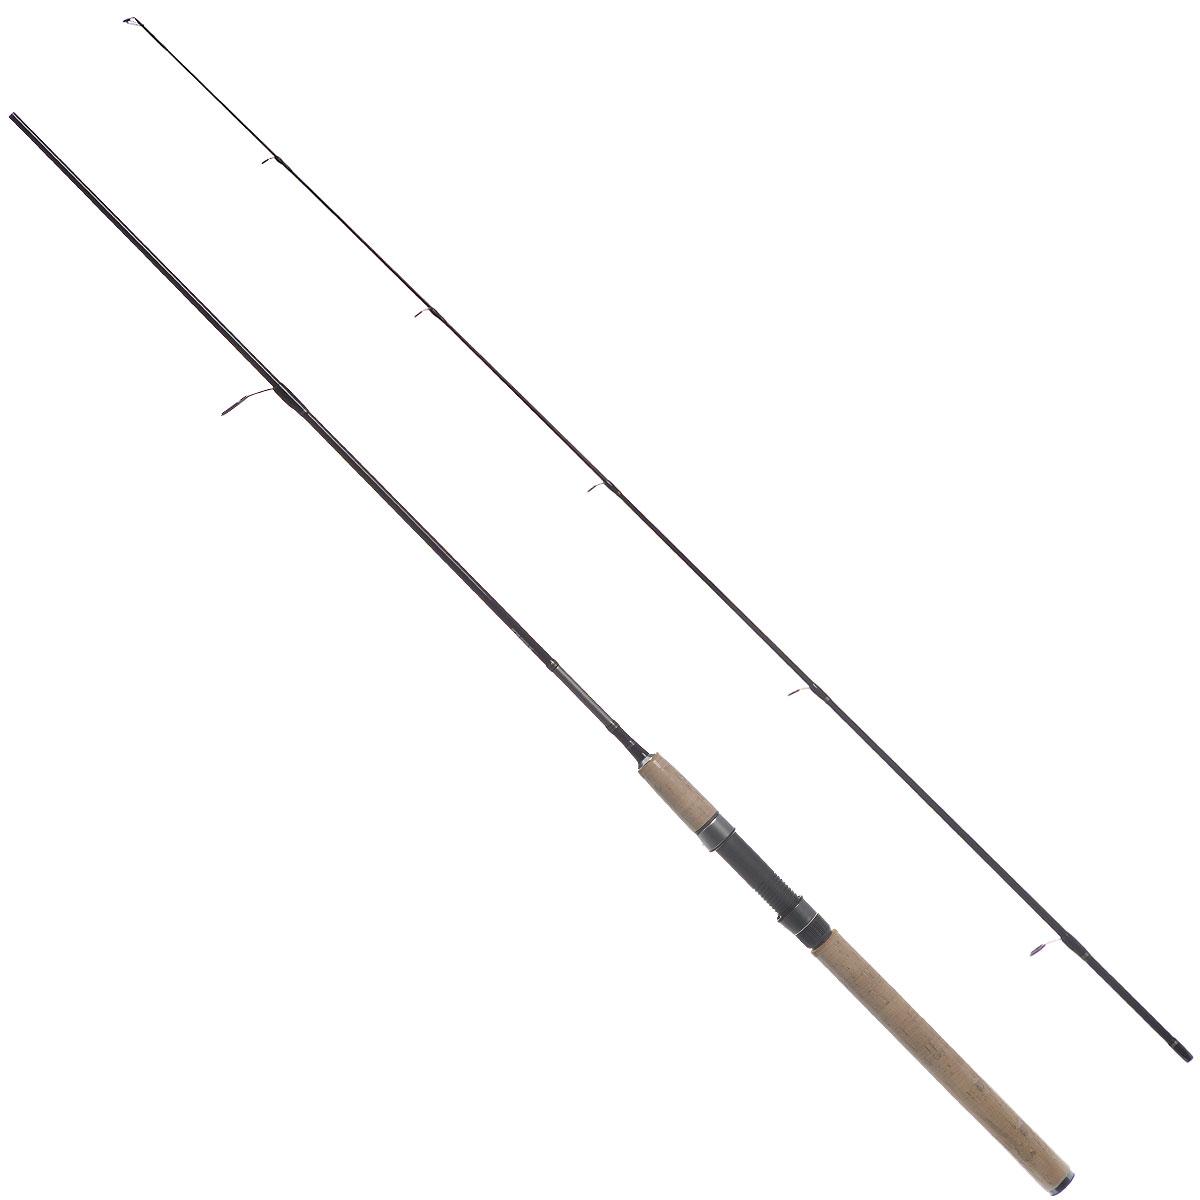 Спиннинг штекерный Daiwa Exceler-AR New, 2,13 м, 5-15 г спиннинг штекерный daiwa exceler ru 2 59 м 10 40 г